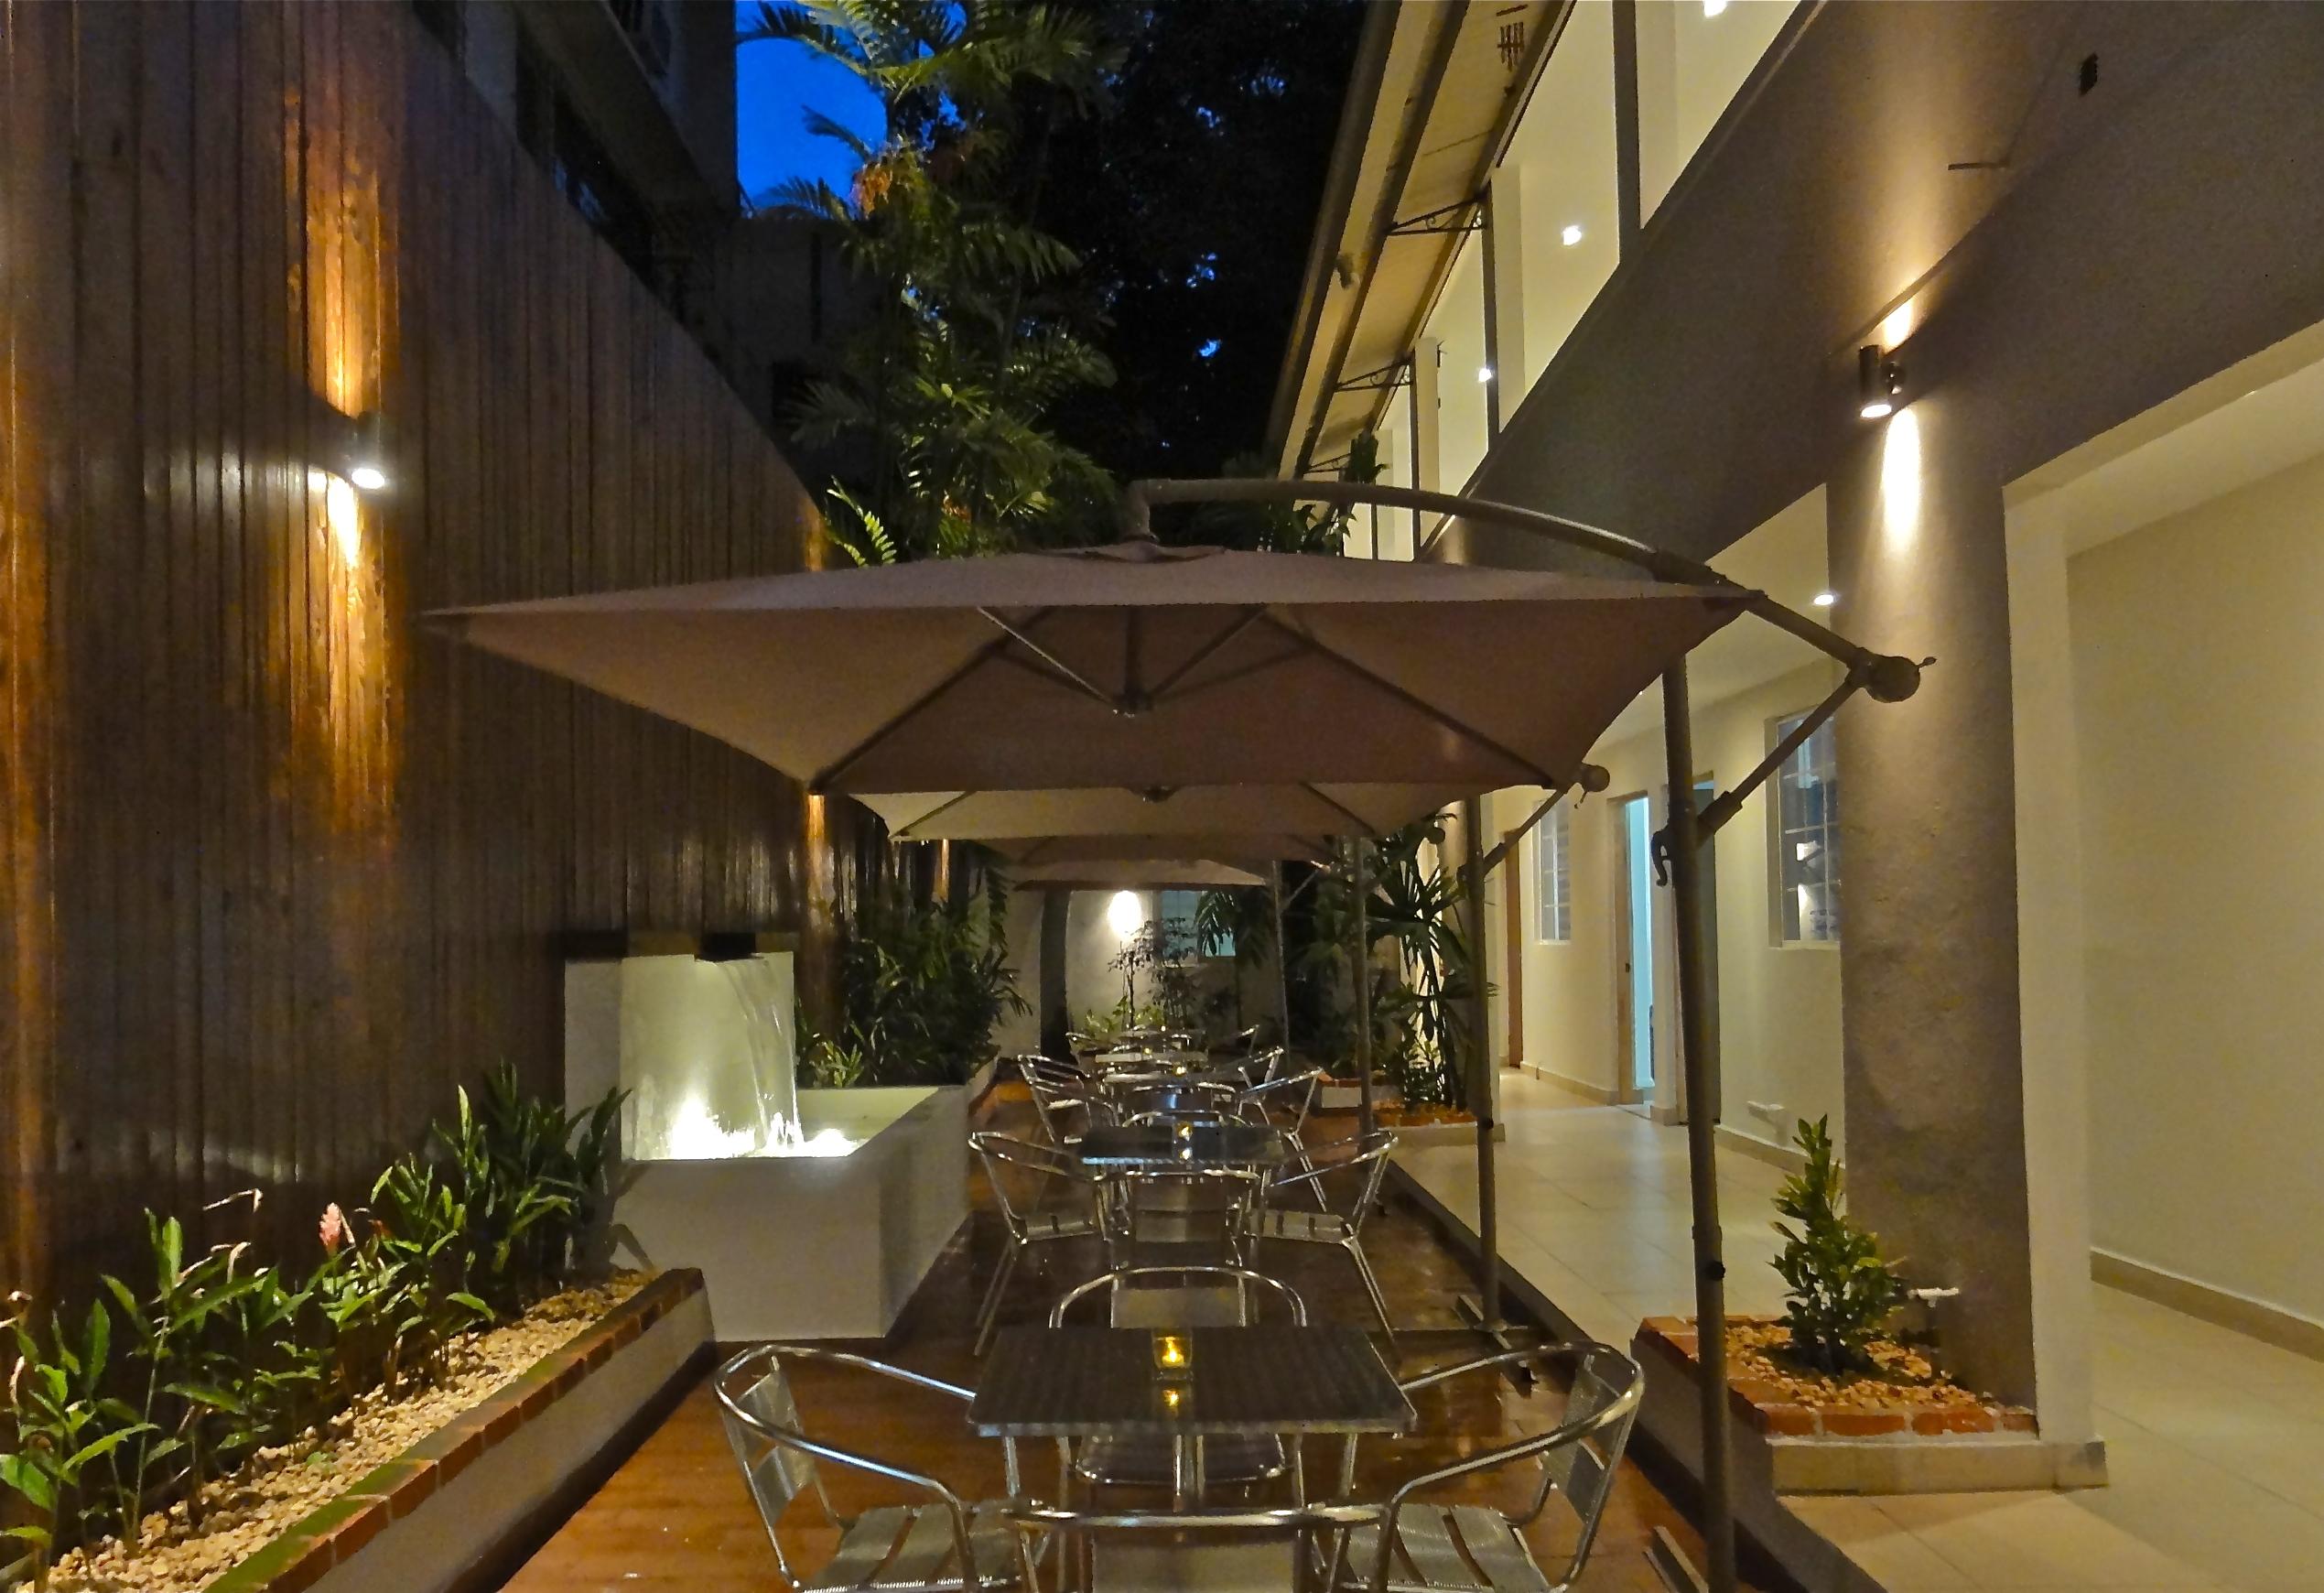 San Roque Bed & Breakfast Panama